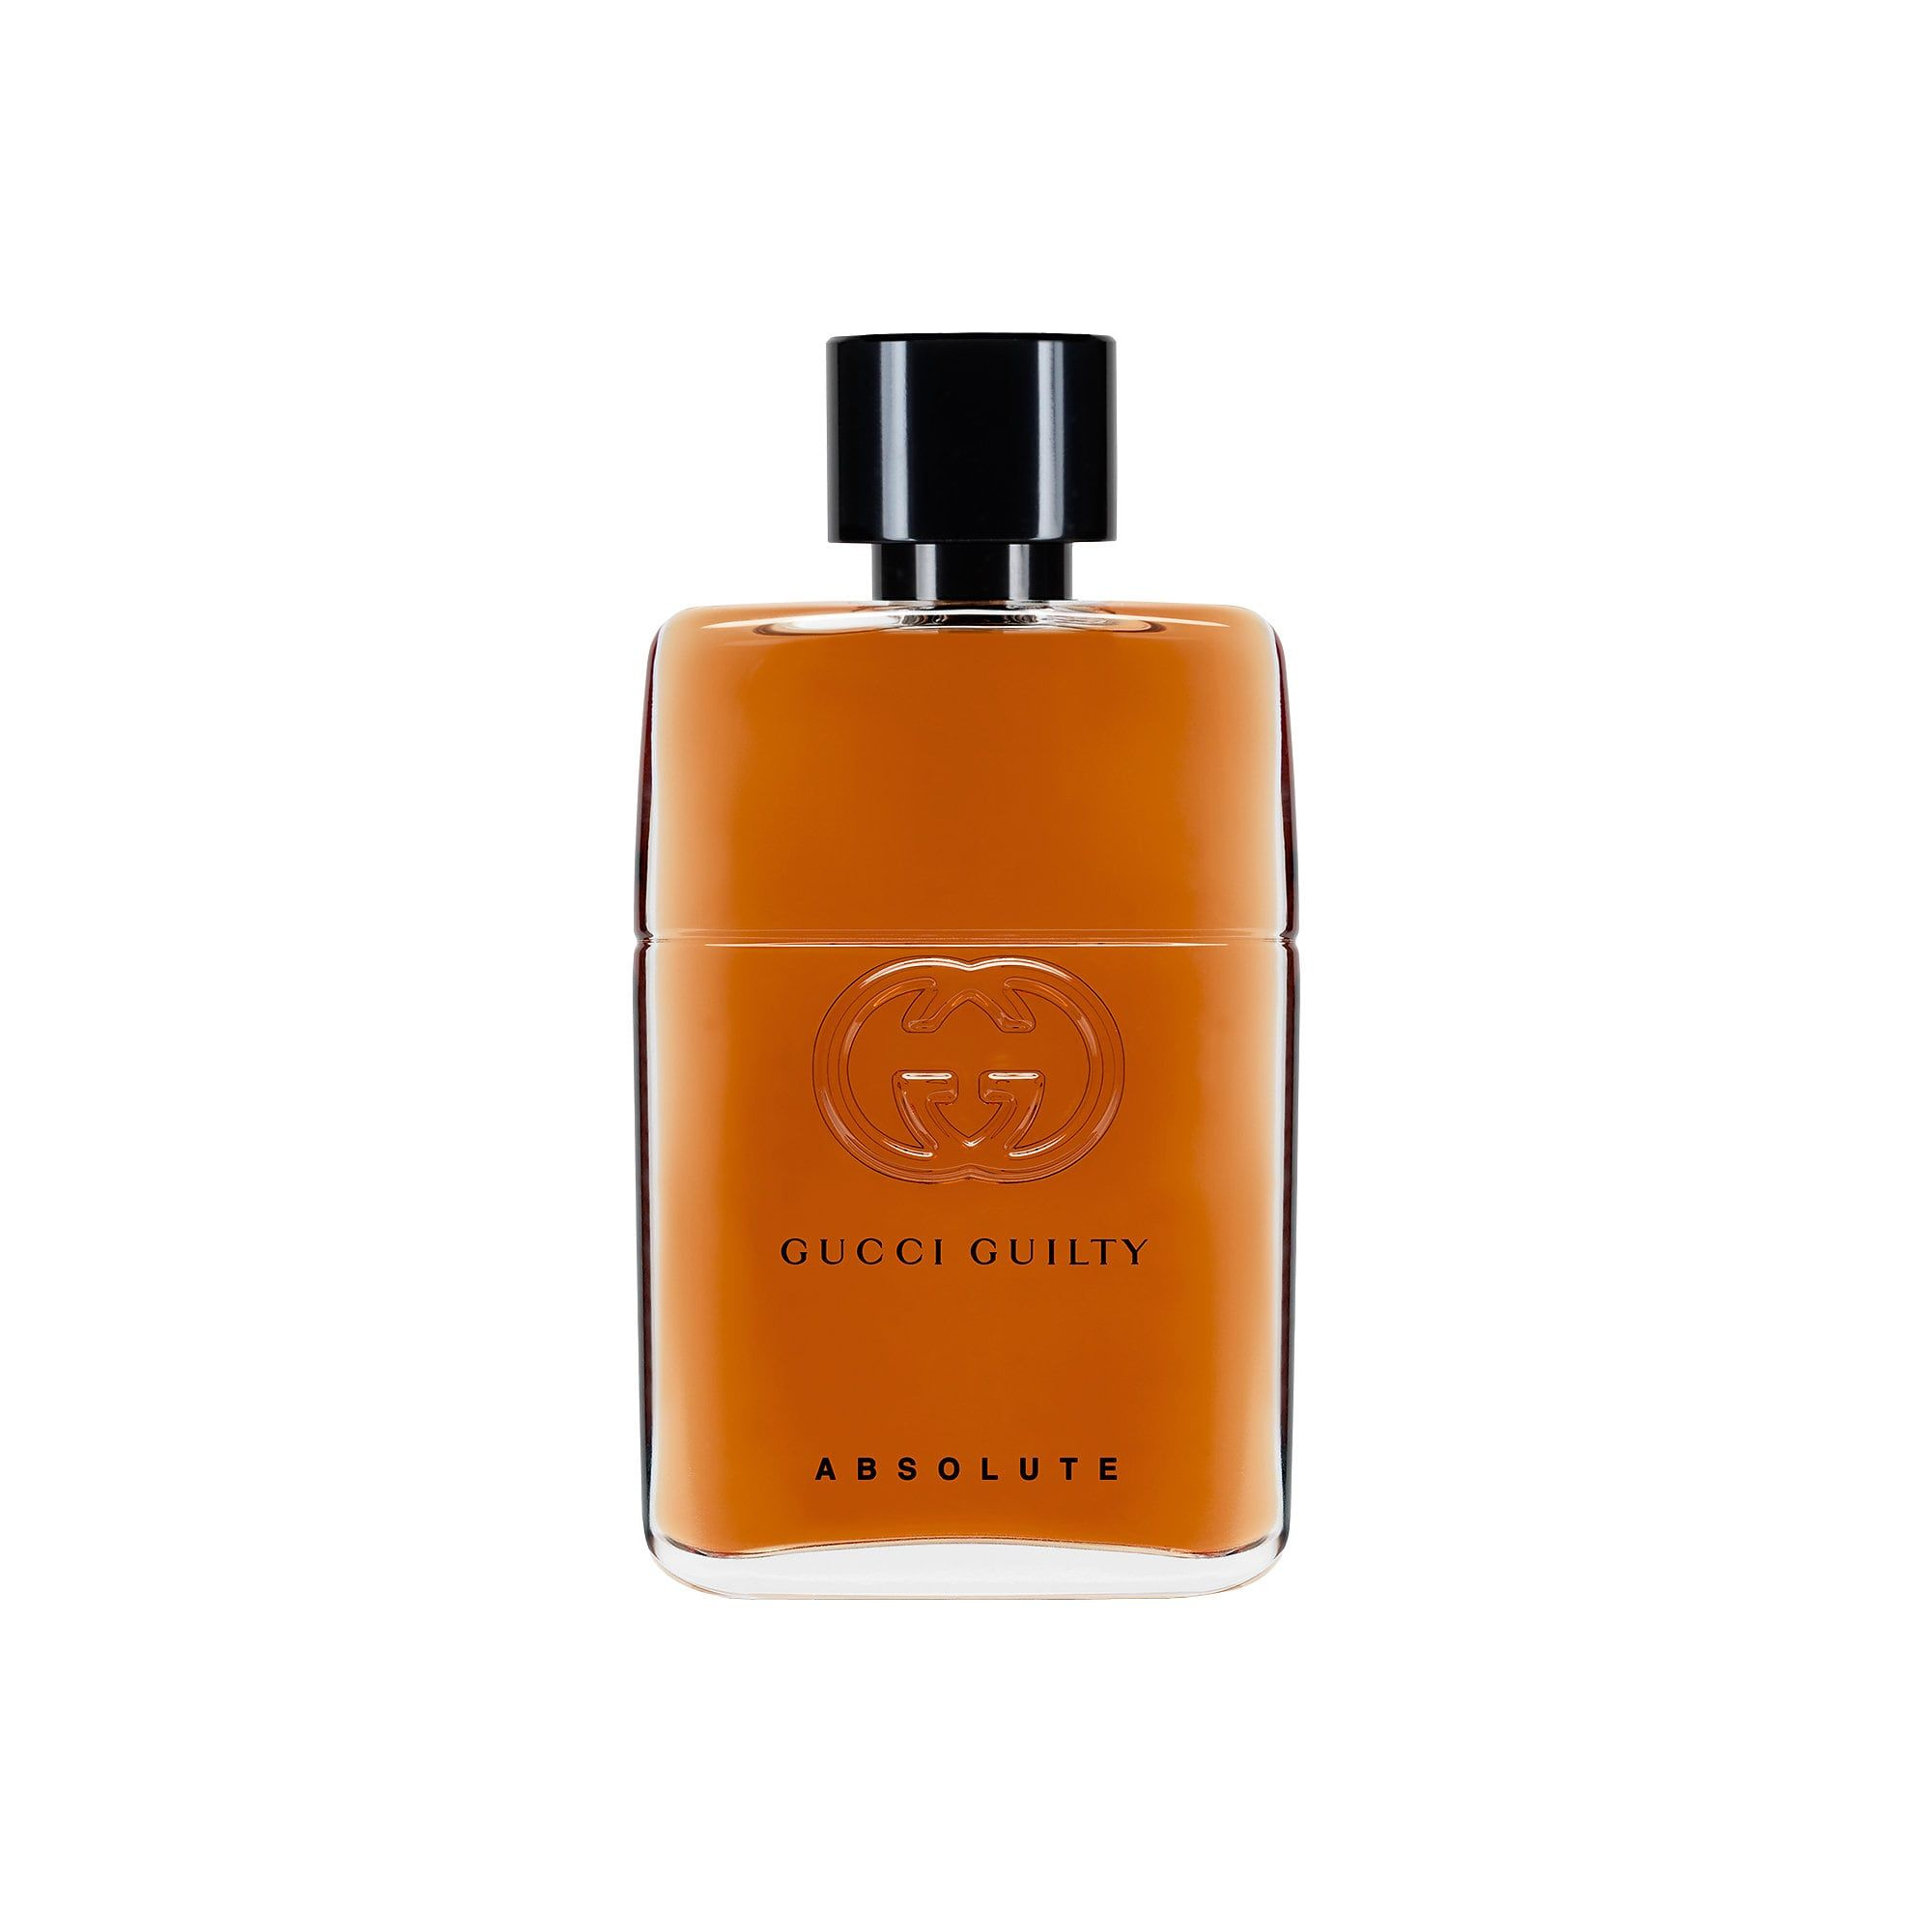 Gucci Guilty Absolute Pour Homme 17 Oz 50 Ml Eau De Parfum Spray